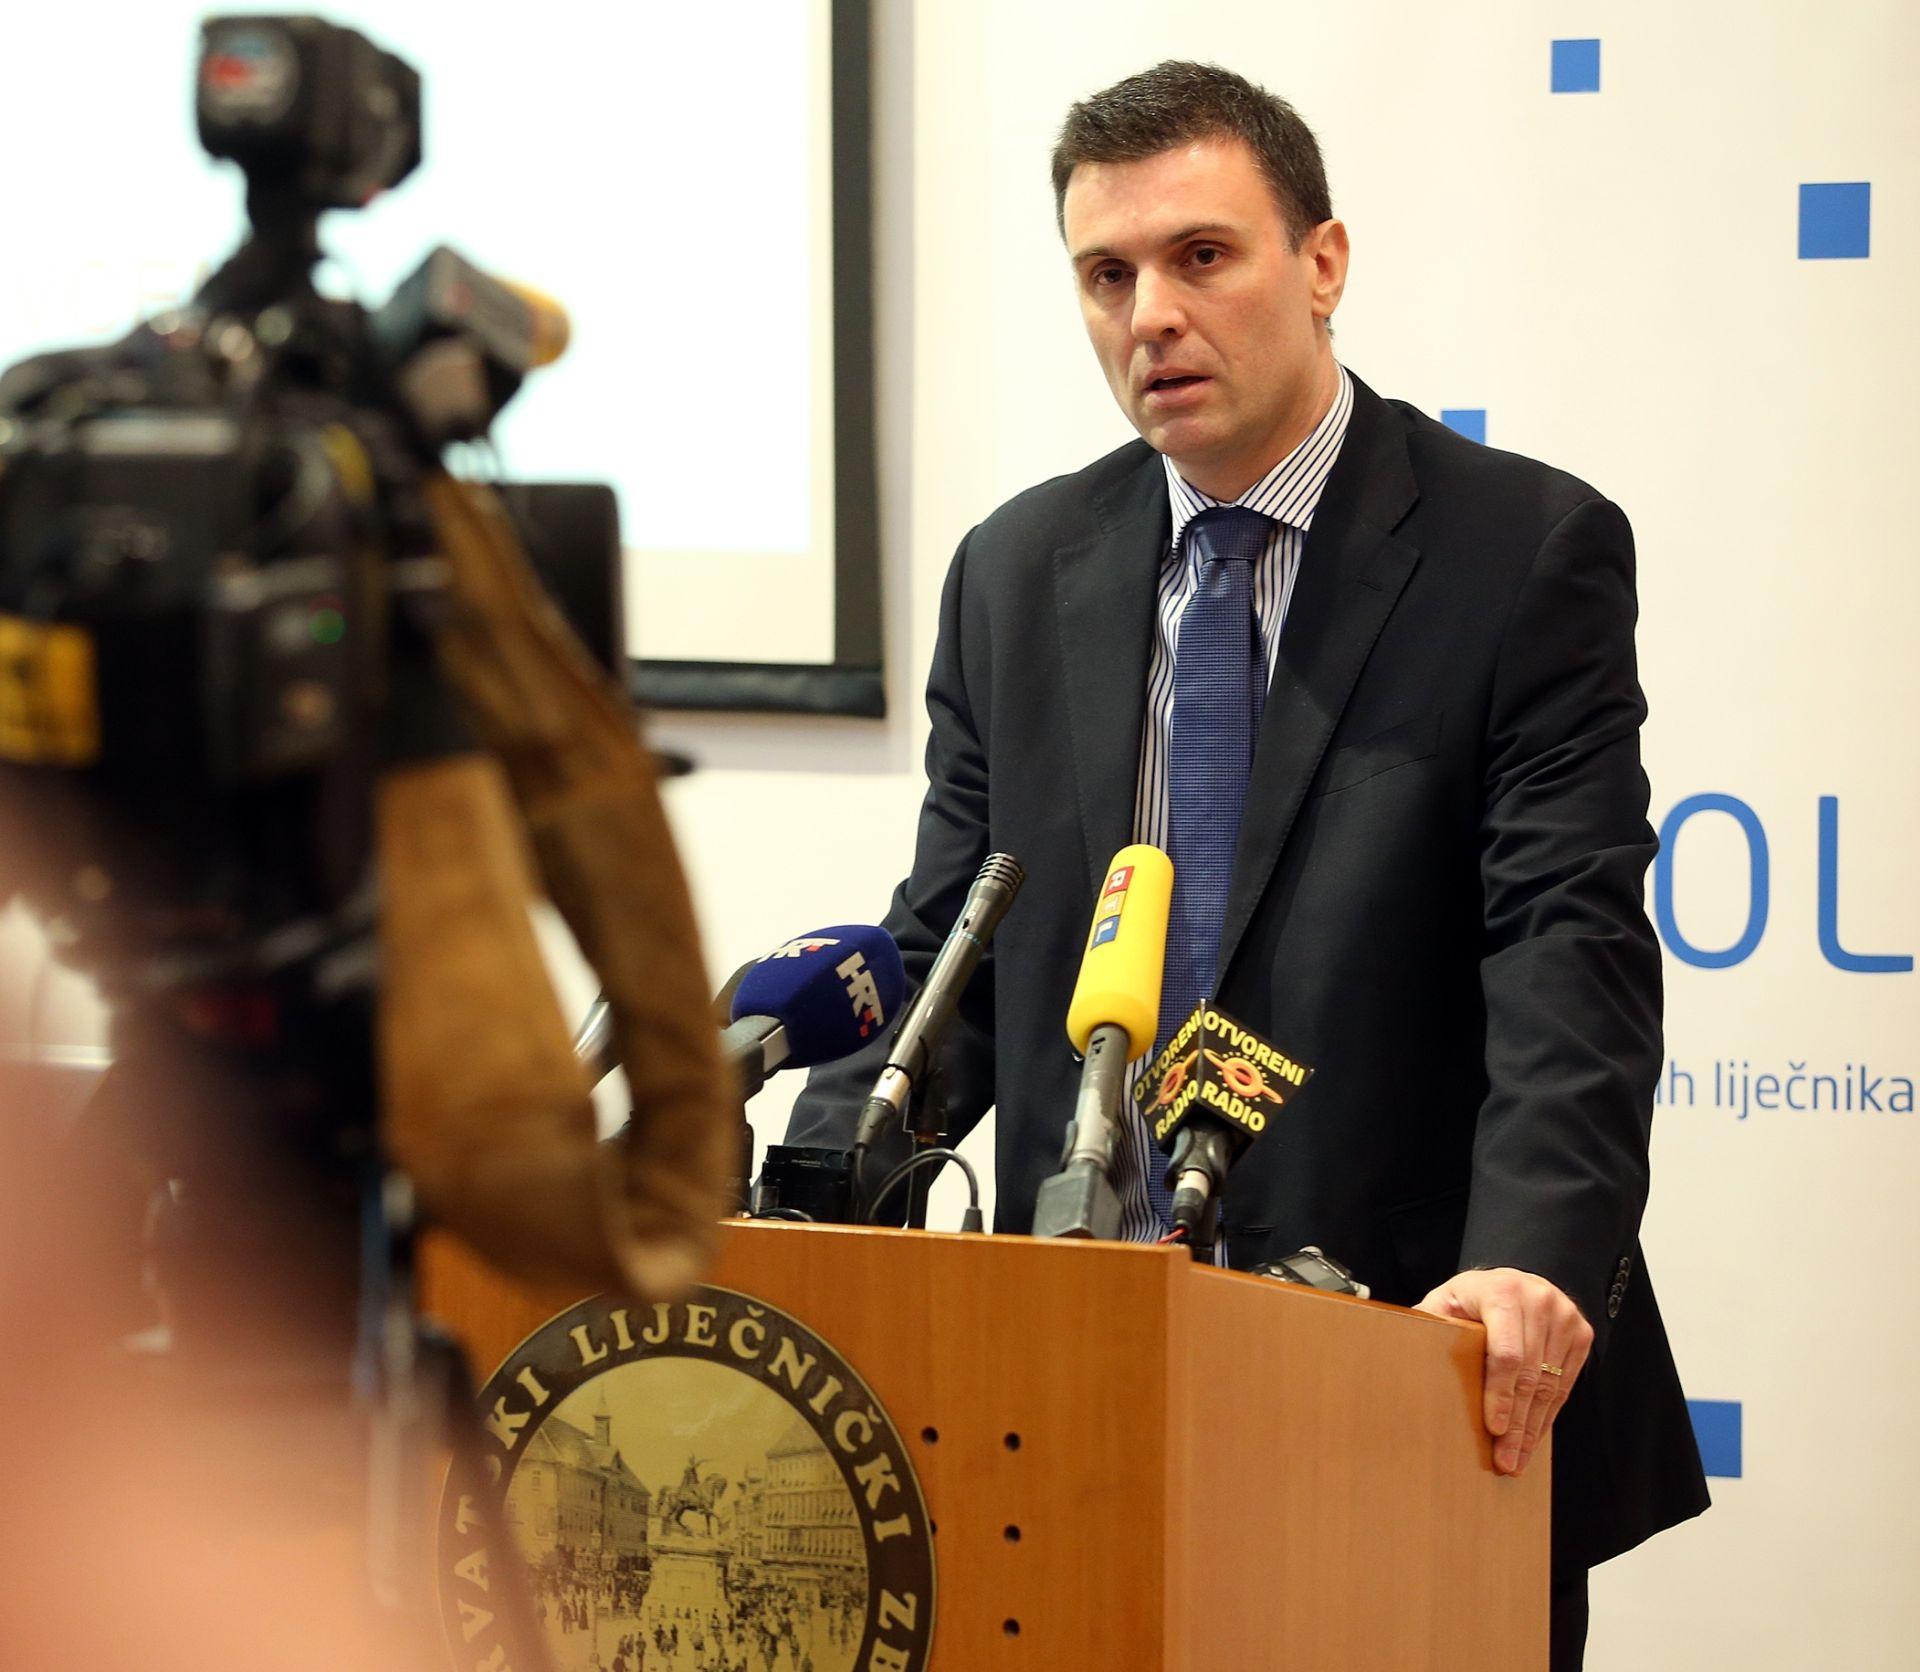 REZULTATI ZABRINJAVAJUĆI Goluža: U osječkom KBC-u najlošija situacija od svih centara u Hrvatskoj